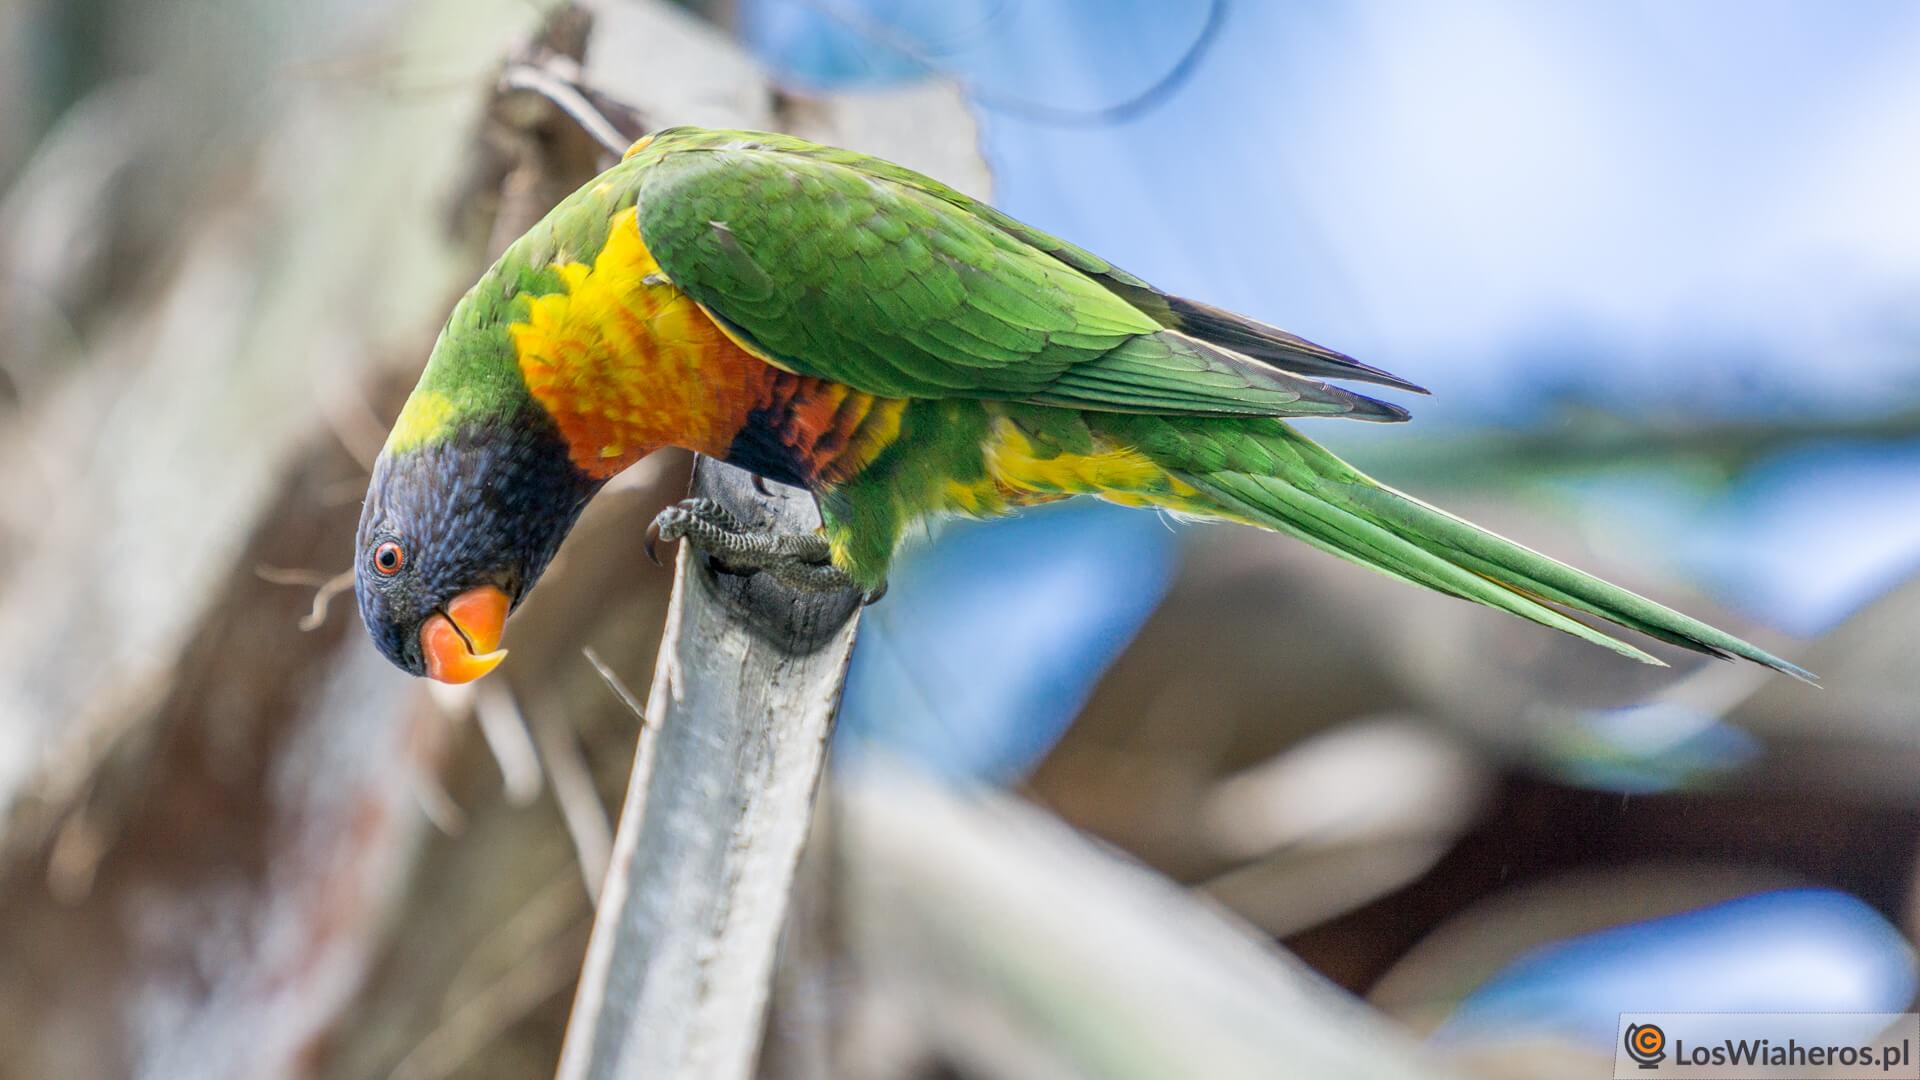 Loriketka Tęczowa, czyli najbardziej powszechna papuga wAustralii - są ich tysiące zarówno wbuszu jak iwmiastach.